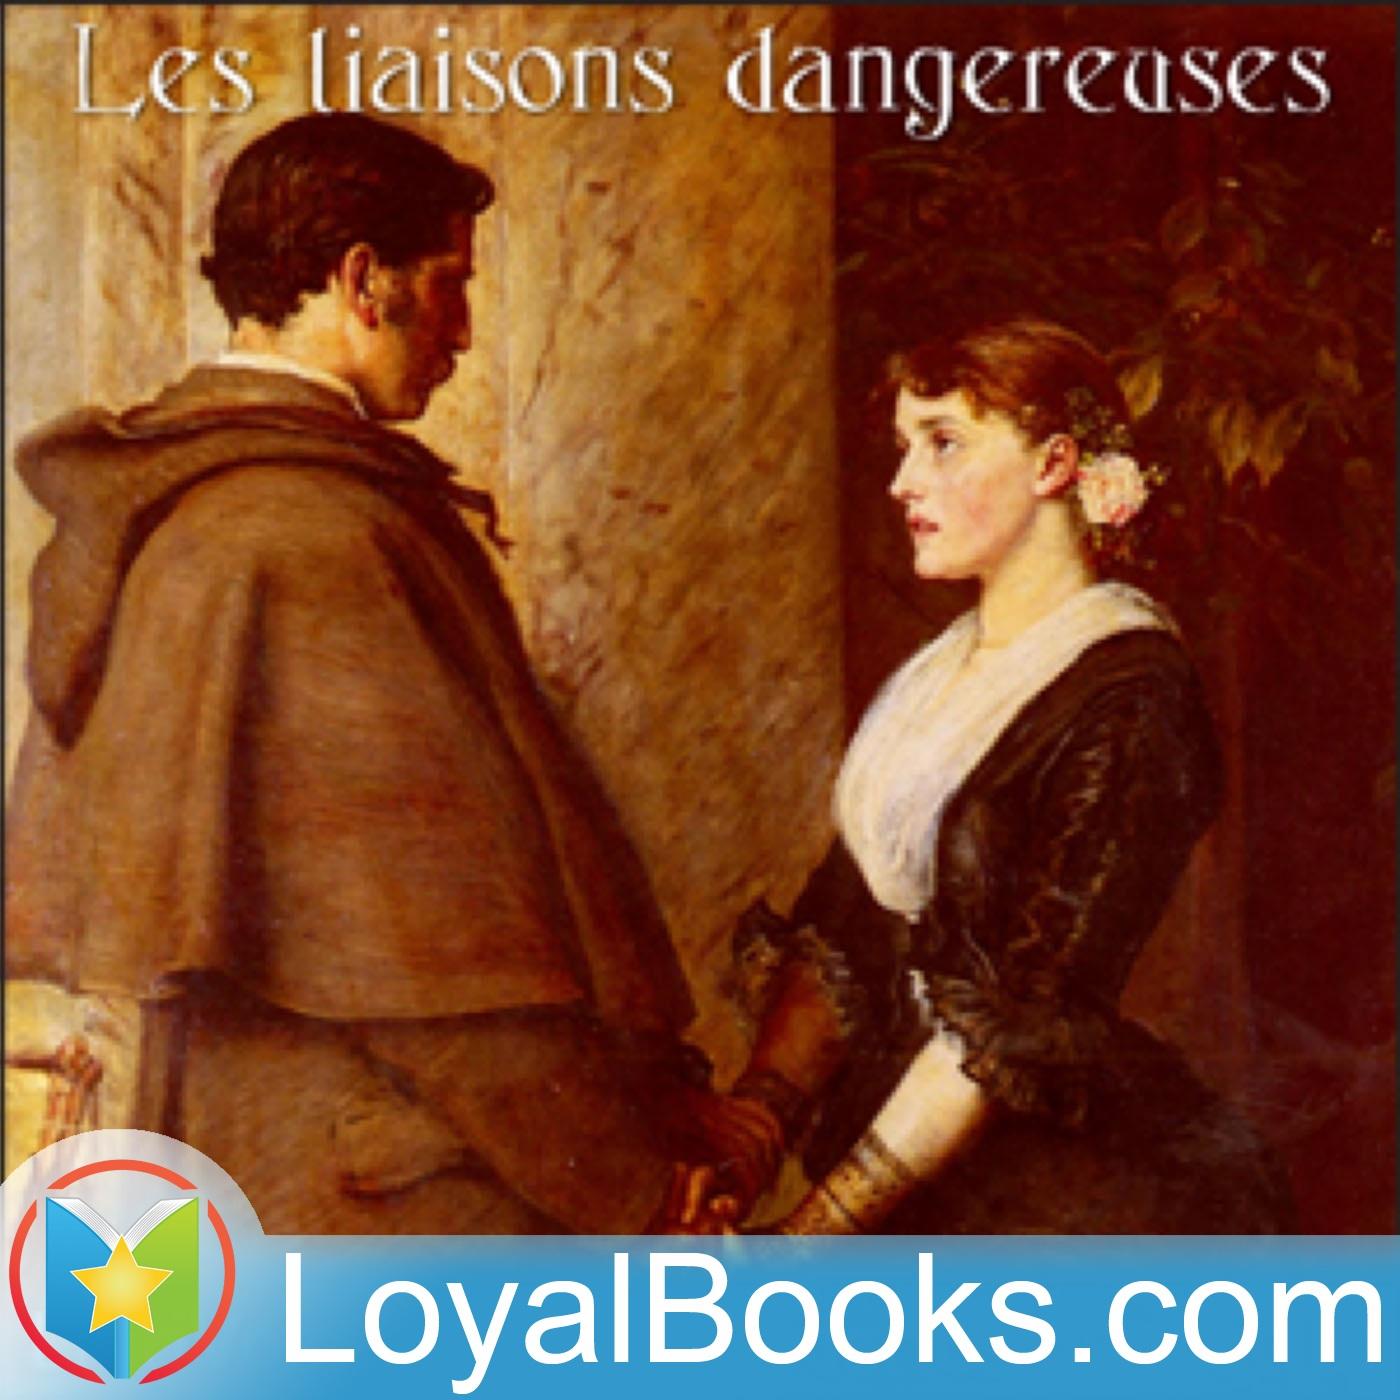 <![CDATA[Les liaisons dangereuses by Choderlos de Laclos]]>